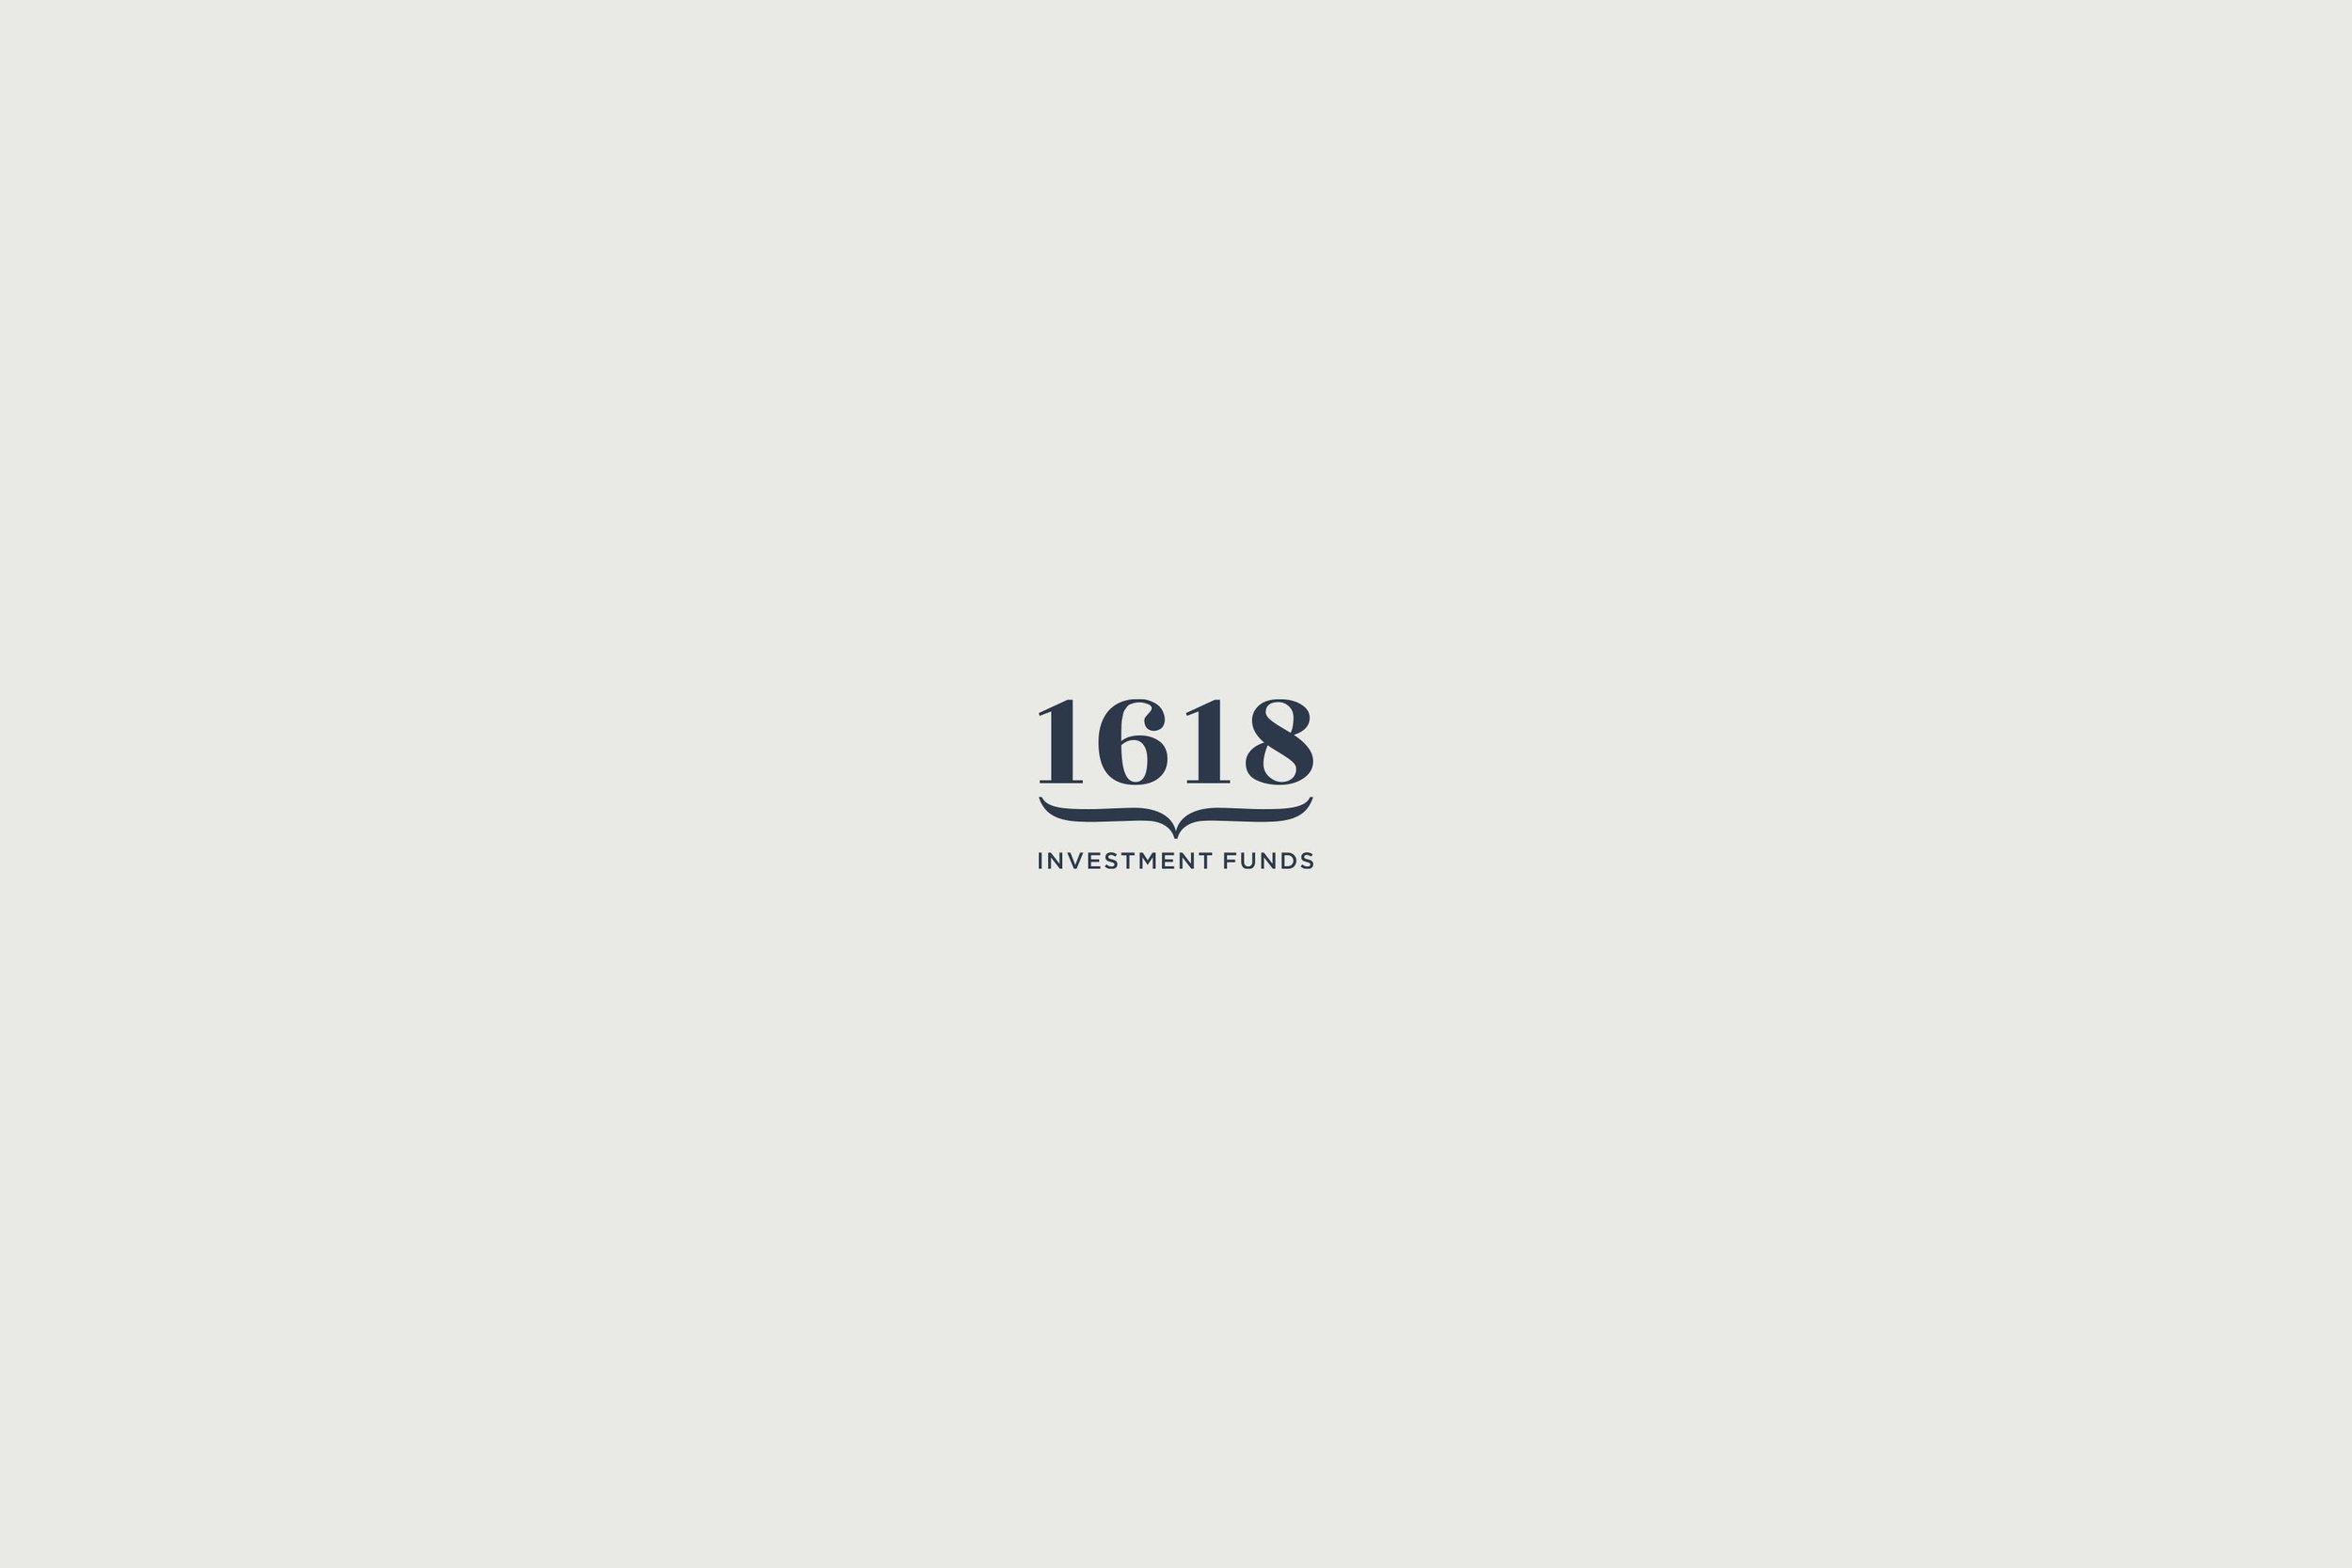 1-.1618.jpg